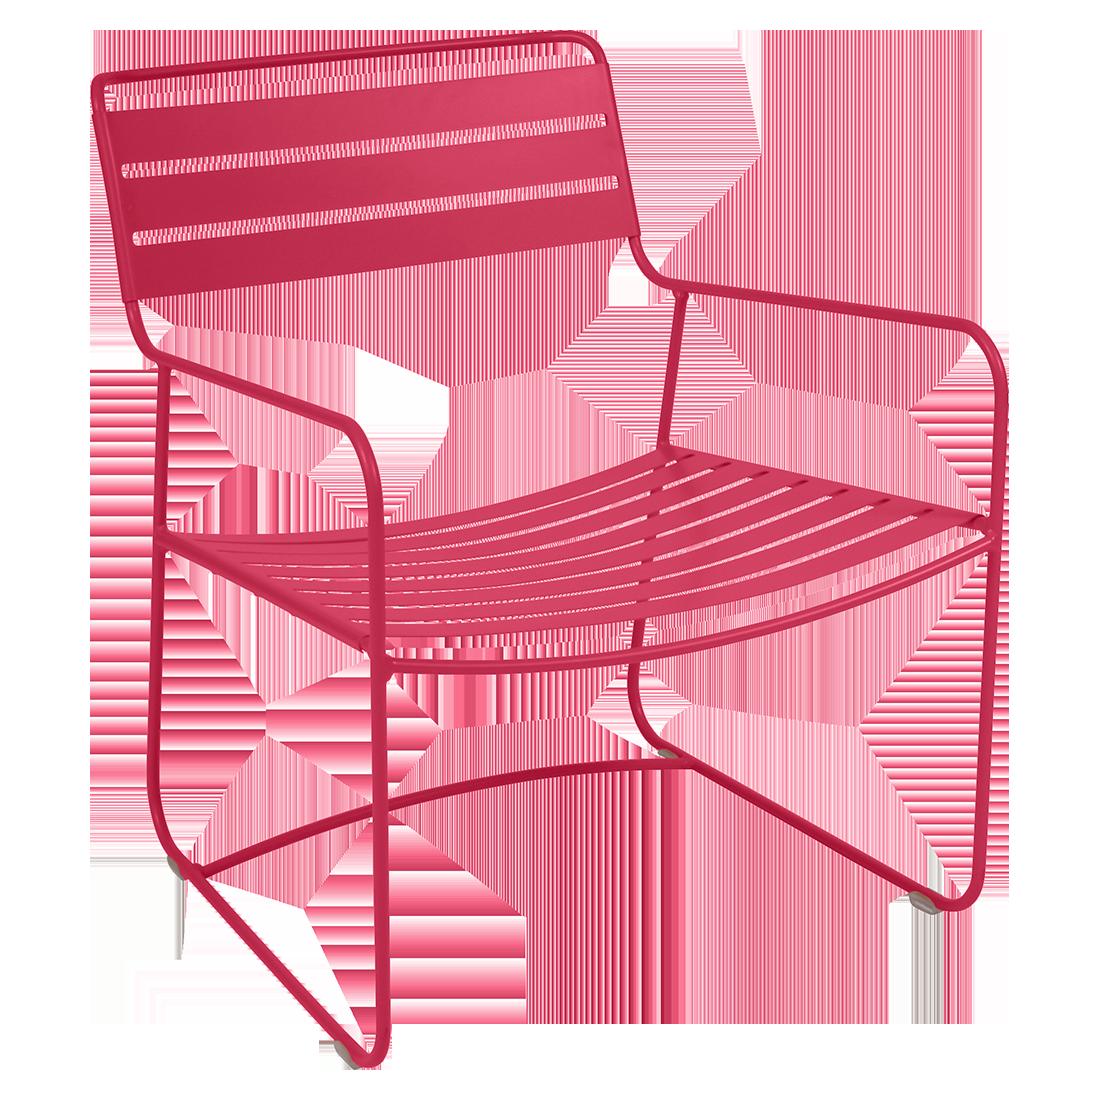 fauteuil fermob, fauteuil metal, fauteuil de jardin, fauteuil de jardin rose